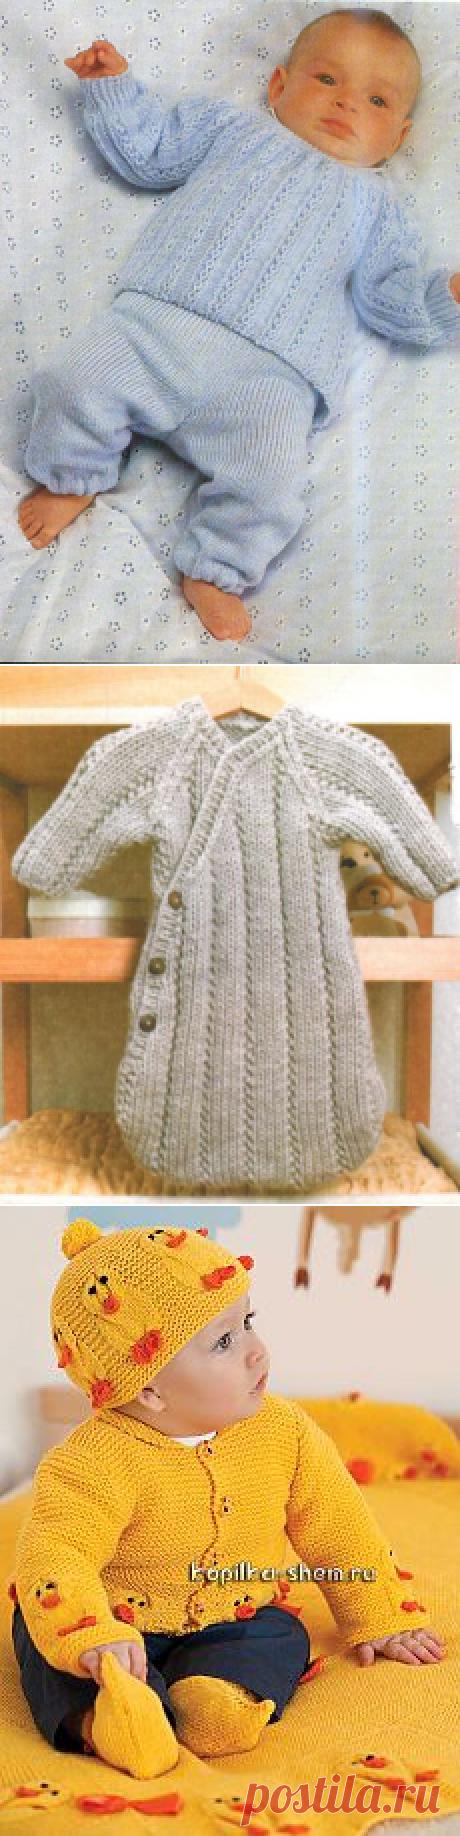 Поиск на Постиле: вязание для новорожденных